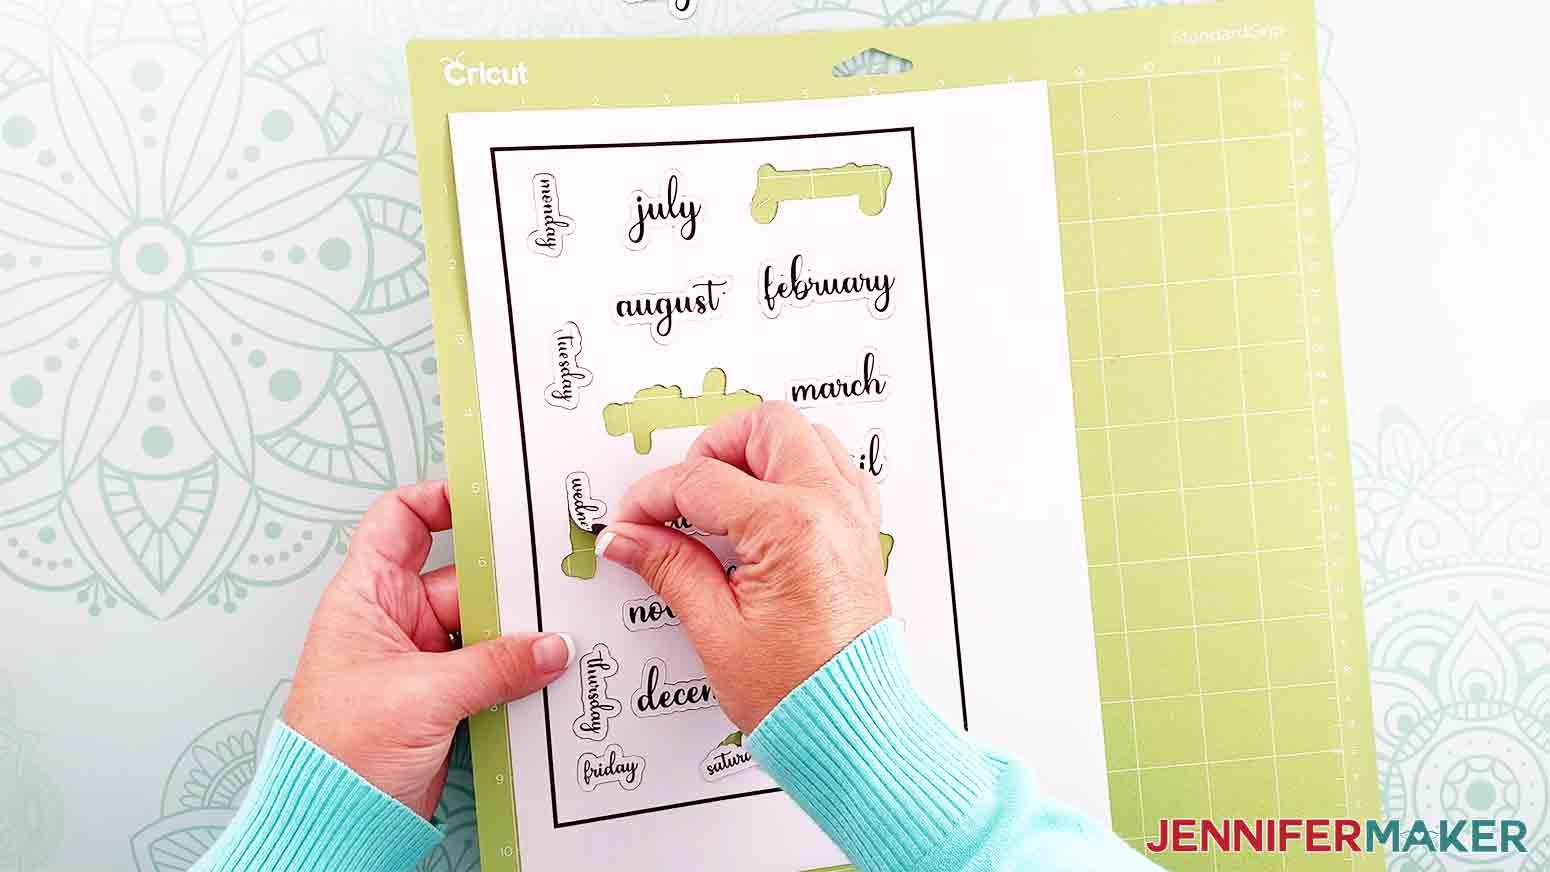 DIY-Whiteboard-Calendar-JenniferMaker-peel-off-magnets